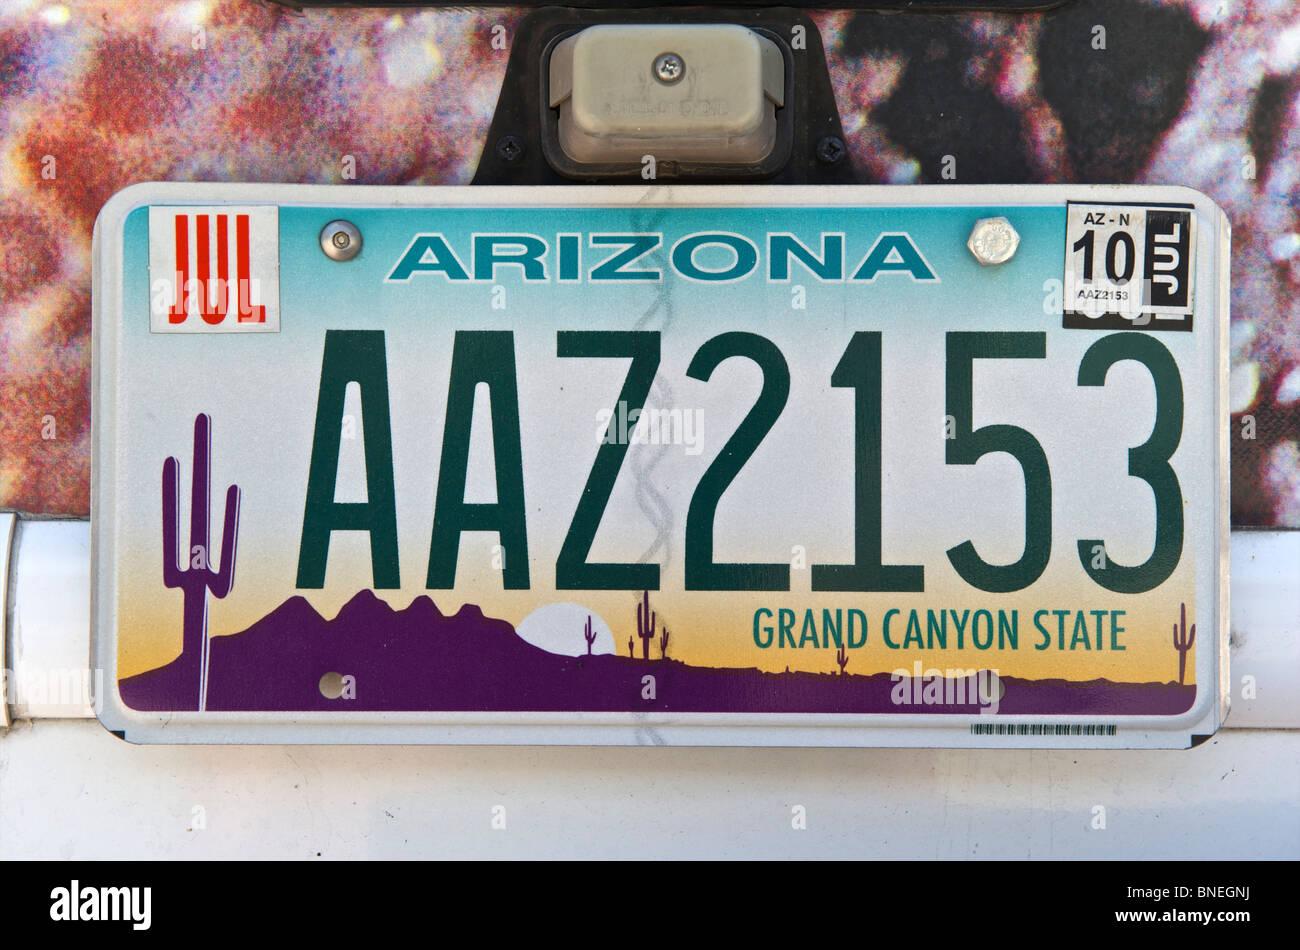 Immatriculation de l'Etat du Grand Canyon en Arizona, Texas, États-Unis Banque D'Images